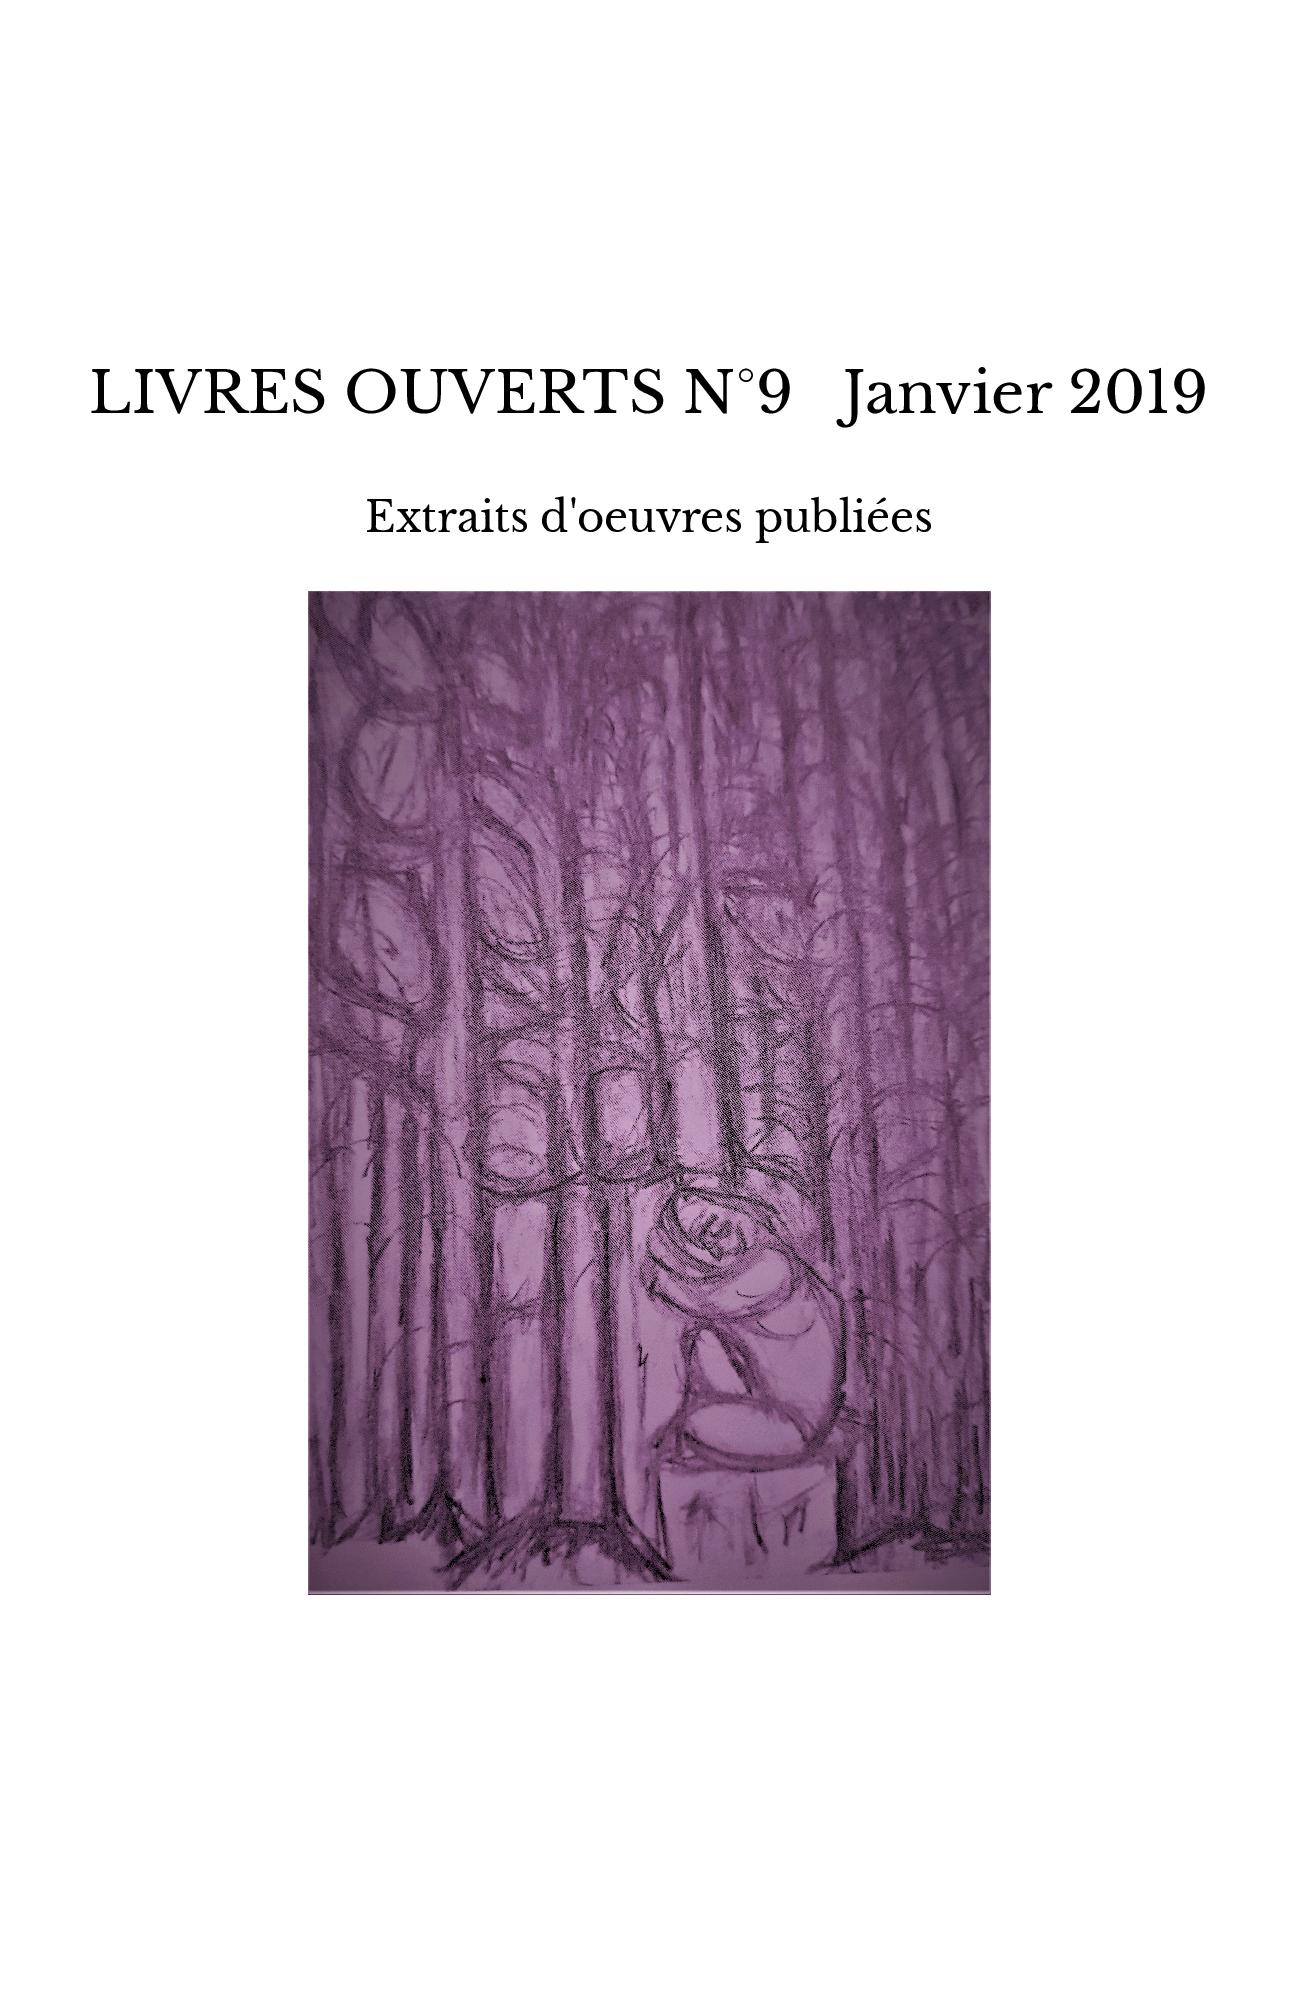 LIVRES OUVERTS N°9 Janvier 2019